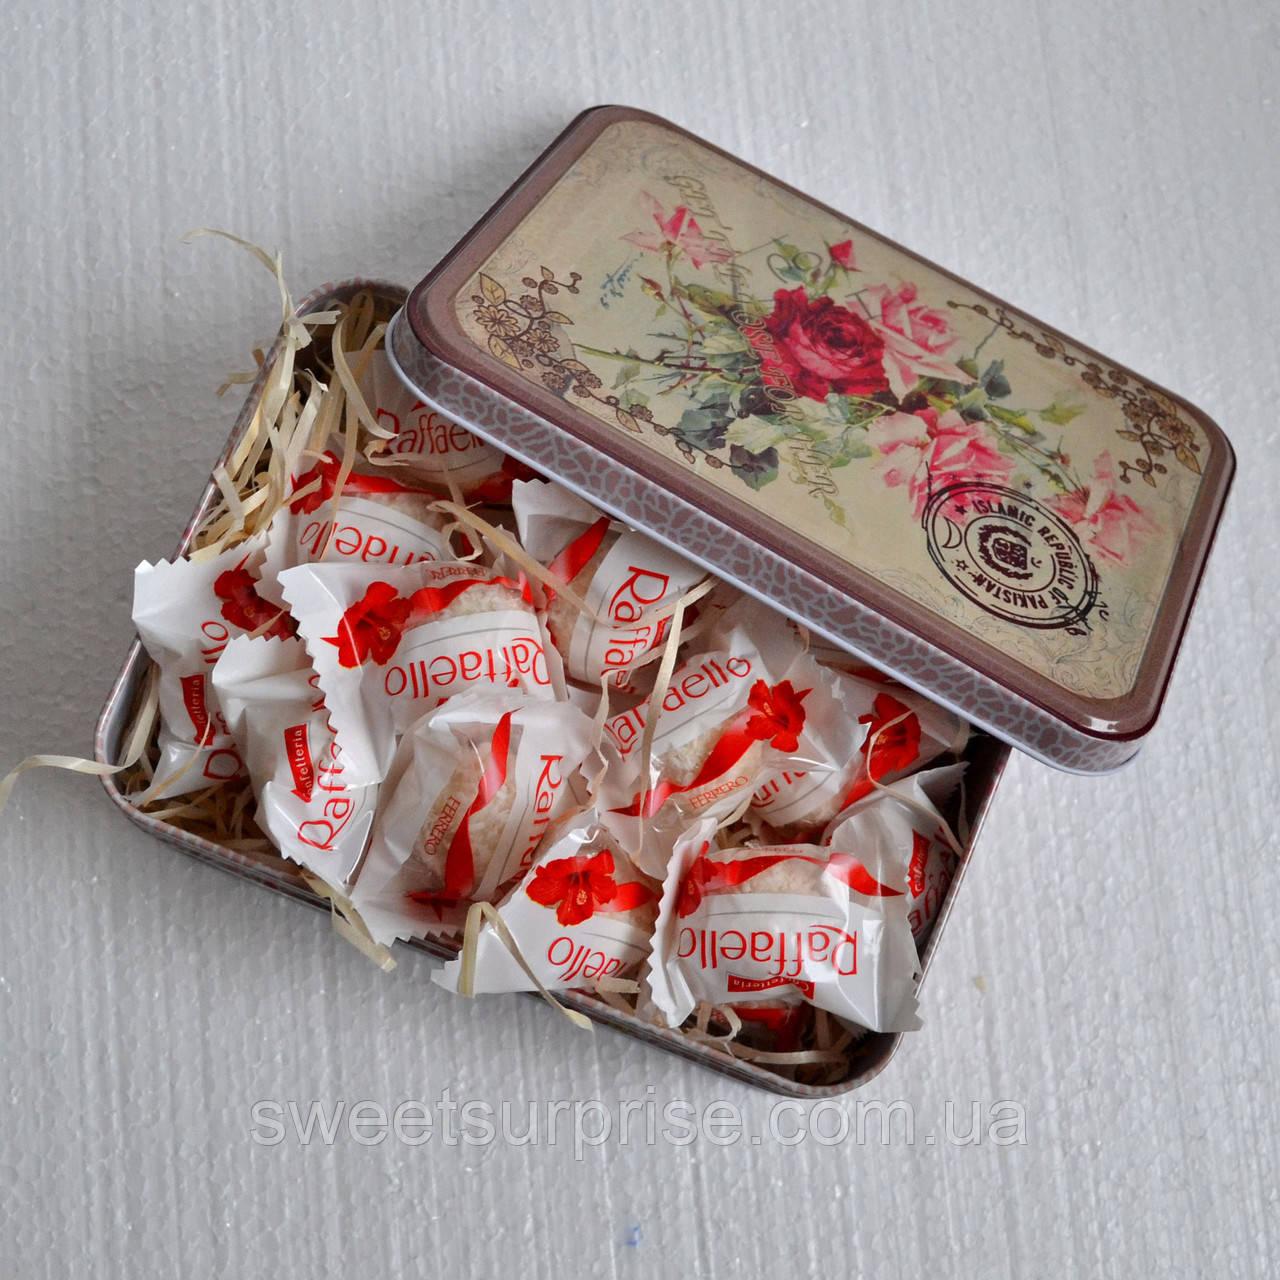 Подарочная коробка с конфетами для подруги